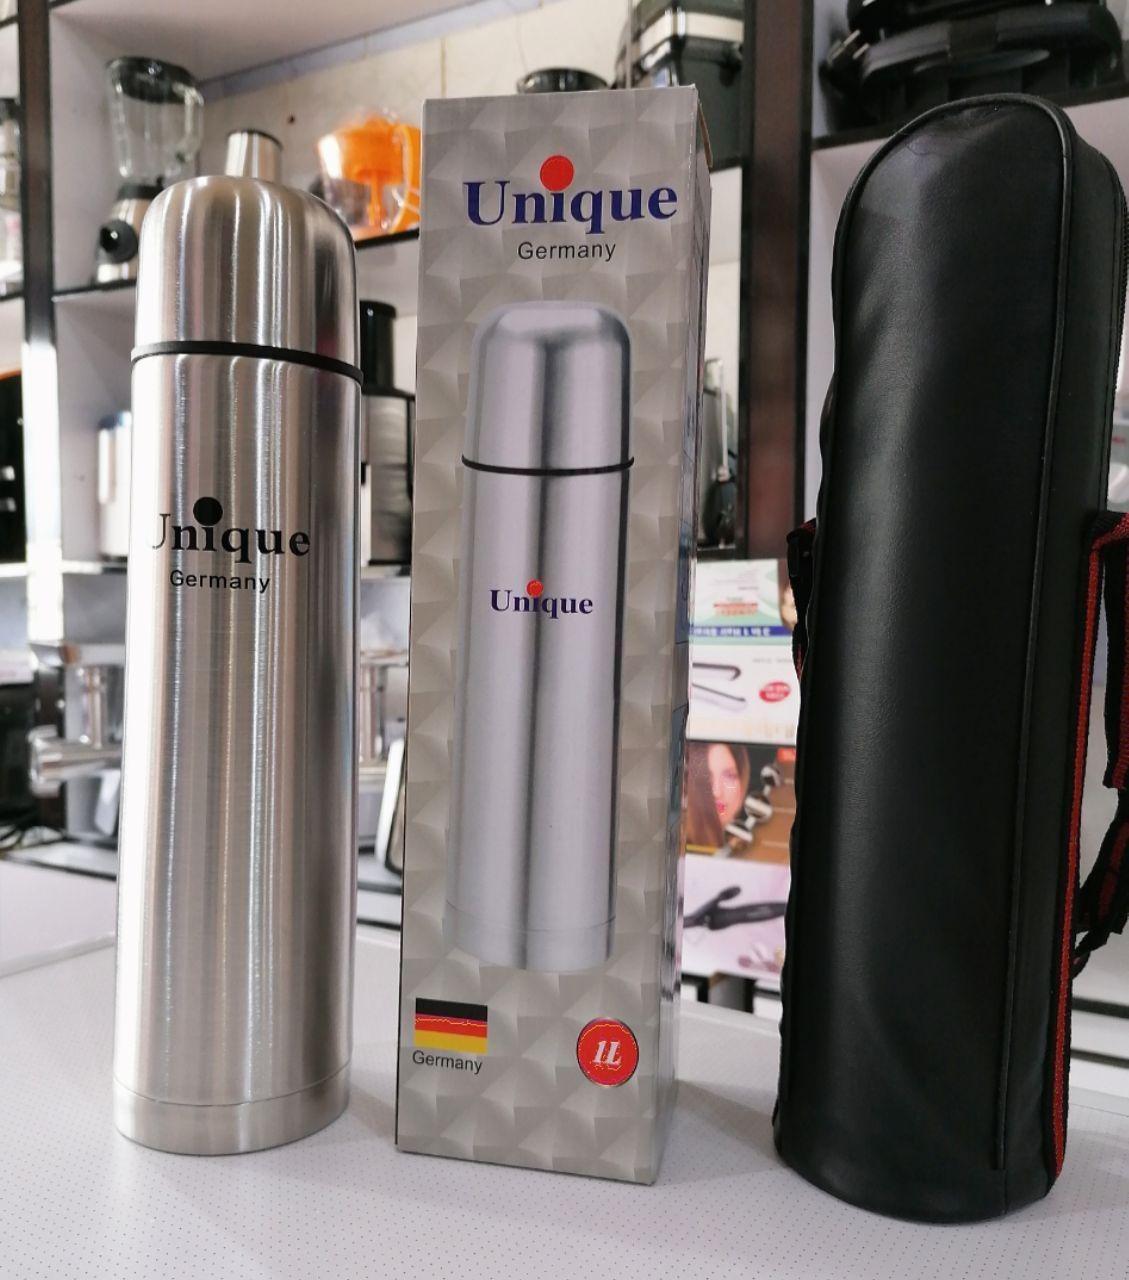 عکس فلاکس استوانه ای یونیک حجم 1 لیتر  فلاکس-استوانه-ای-یونیک-حجم-1-لیتر